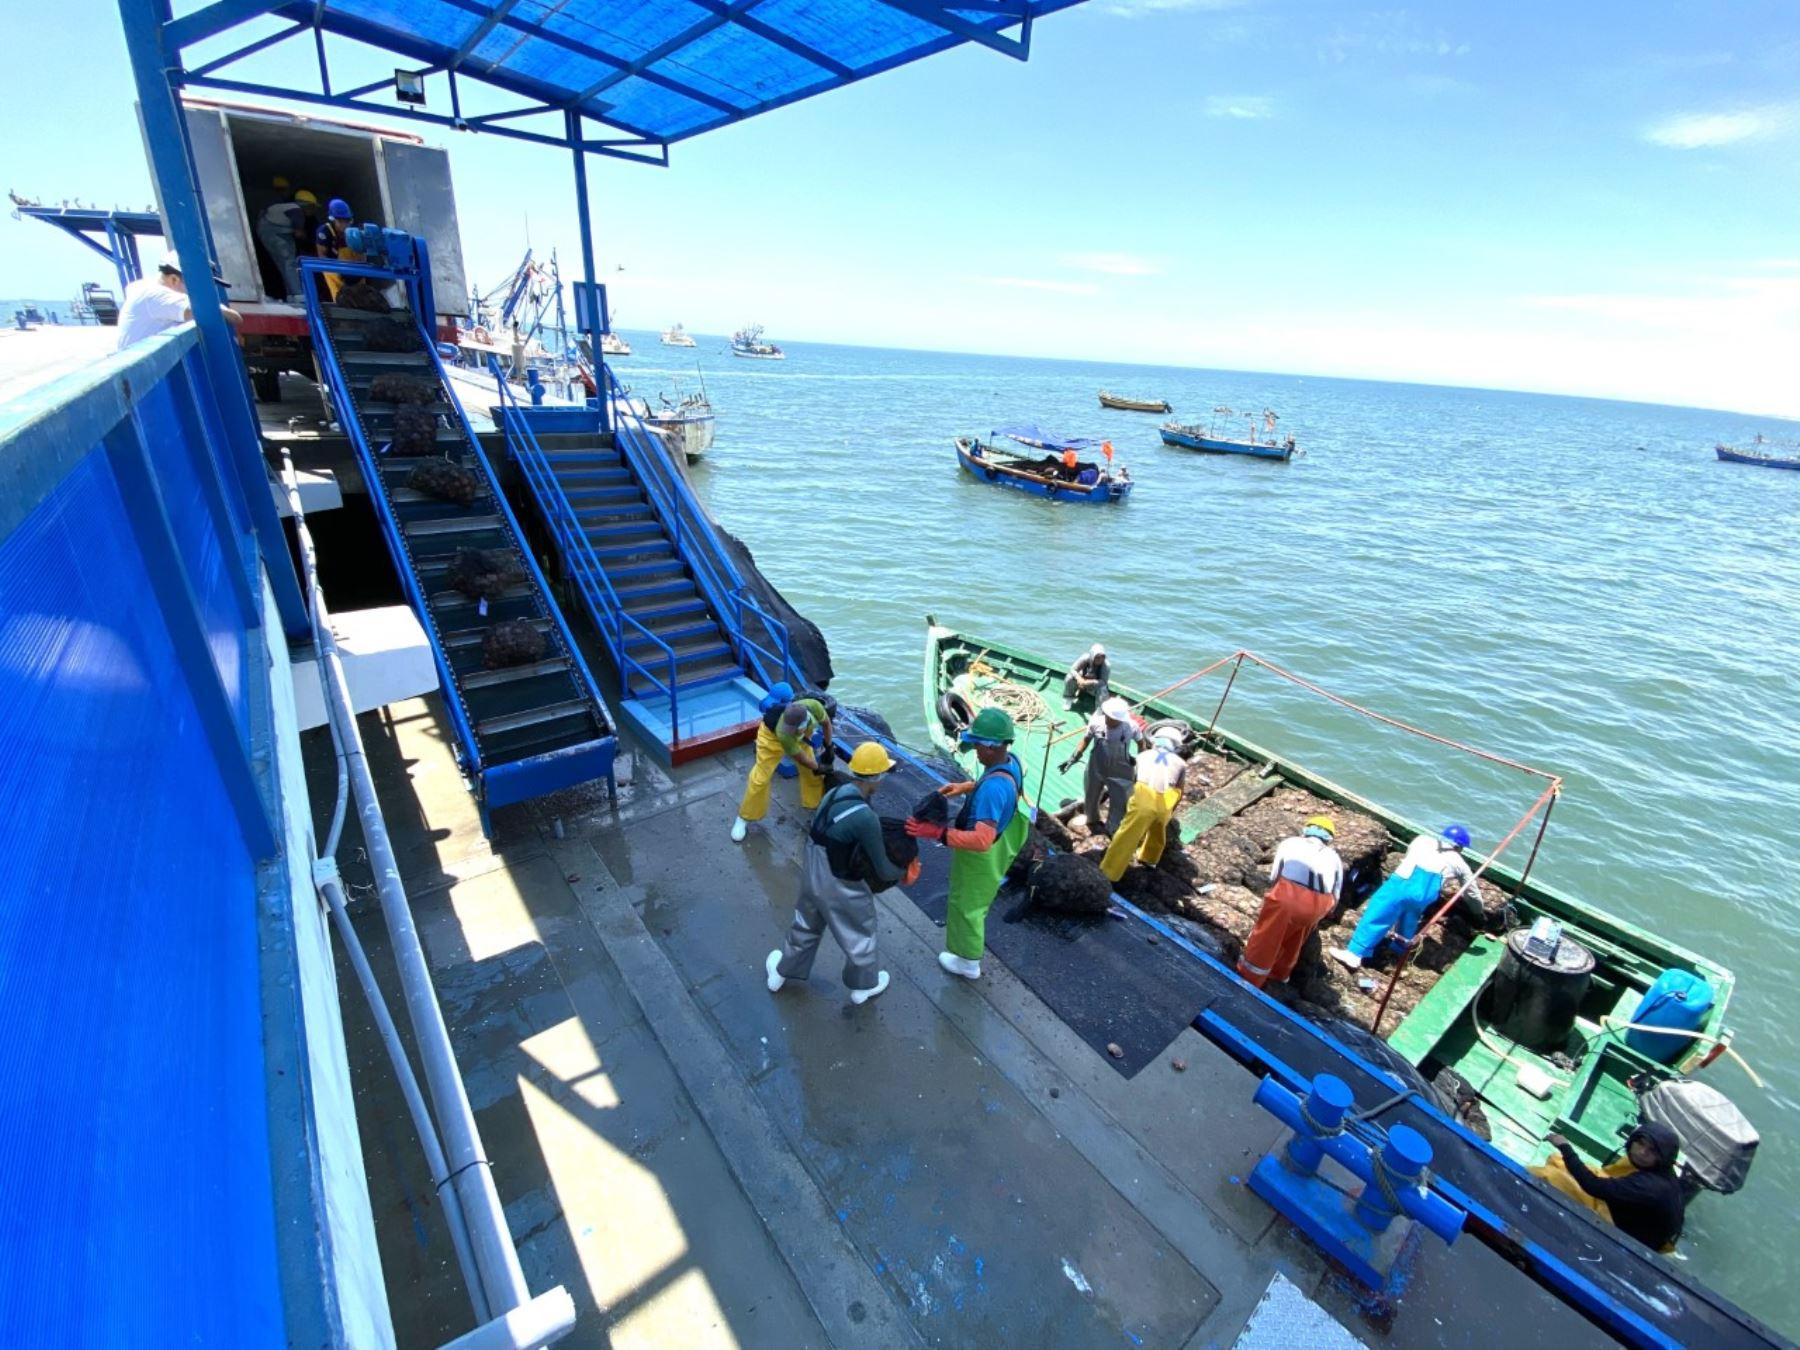 Sanipes capacitará a más de 3,000 pescadores artesanales y productores artesanales del país.